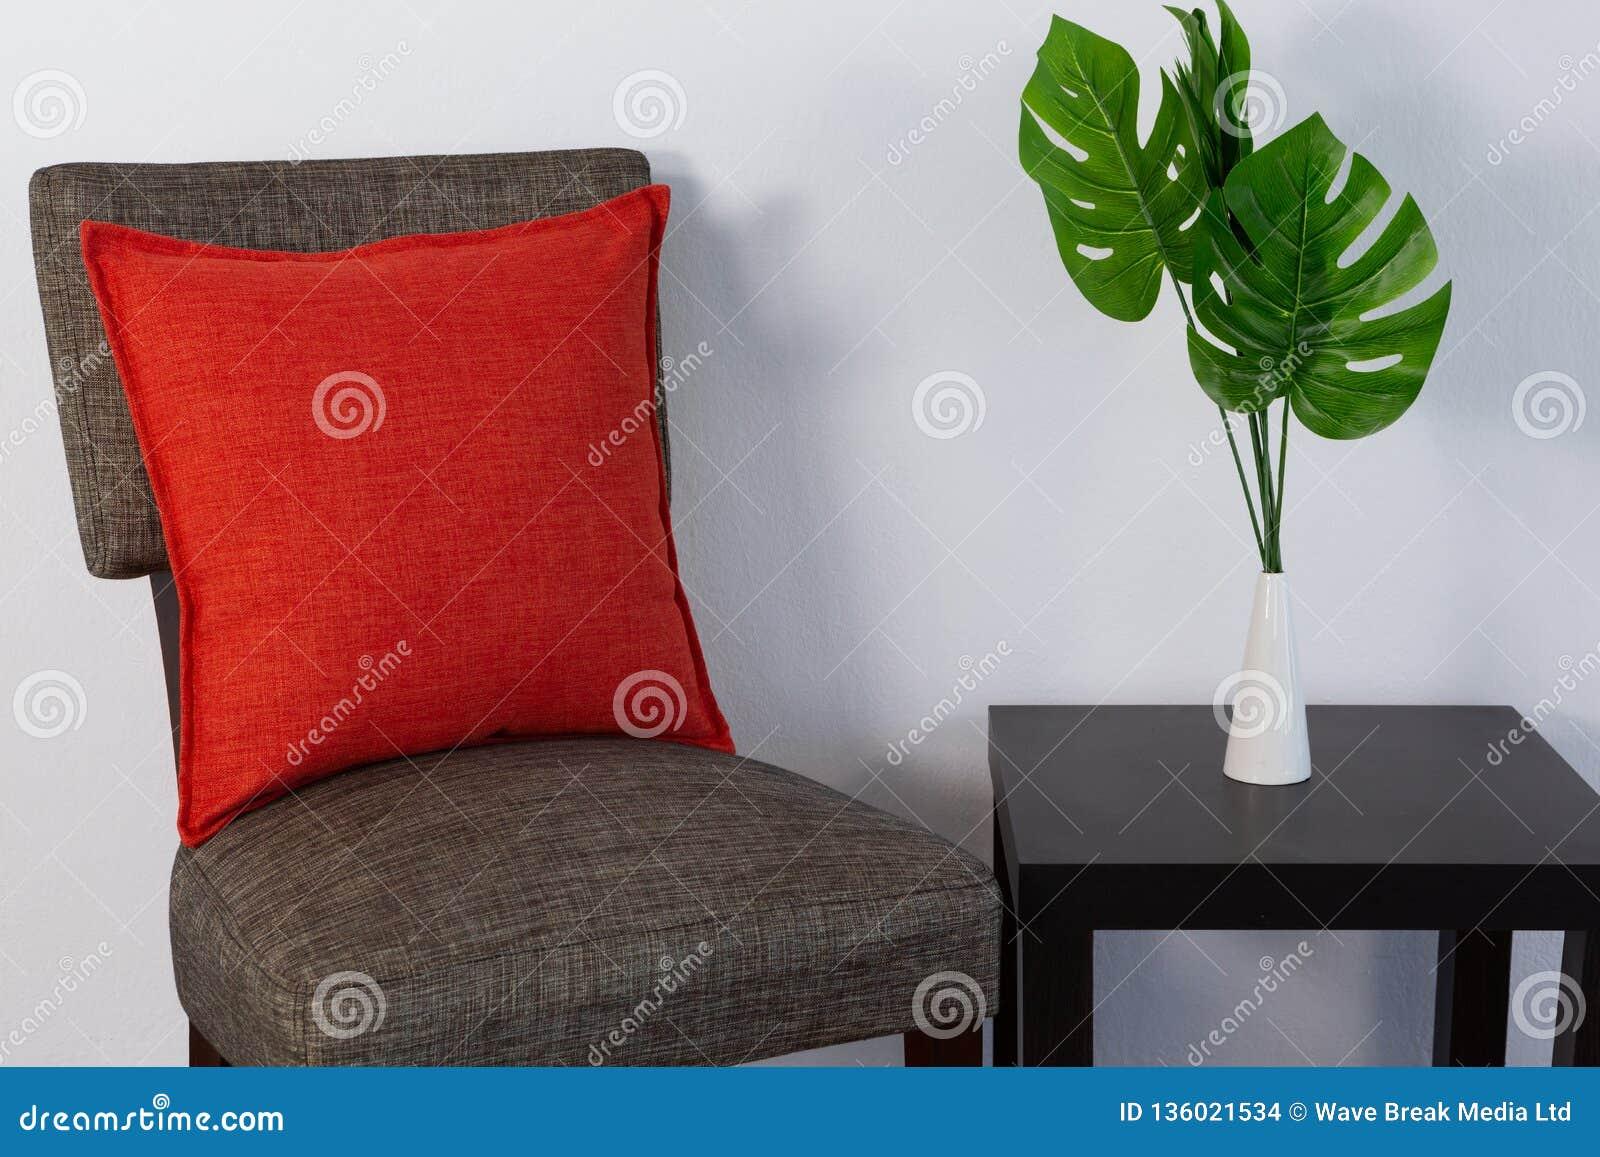 Cushion arranged on chair